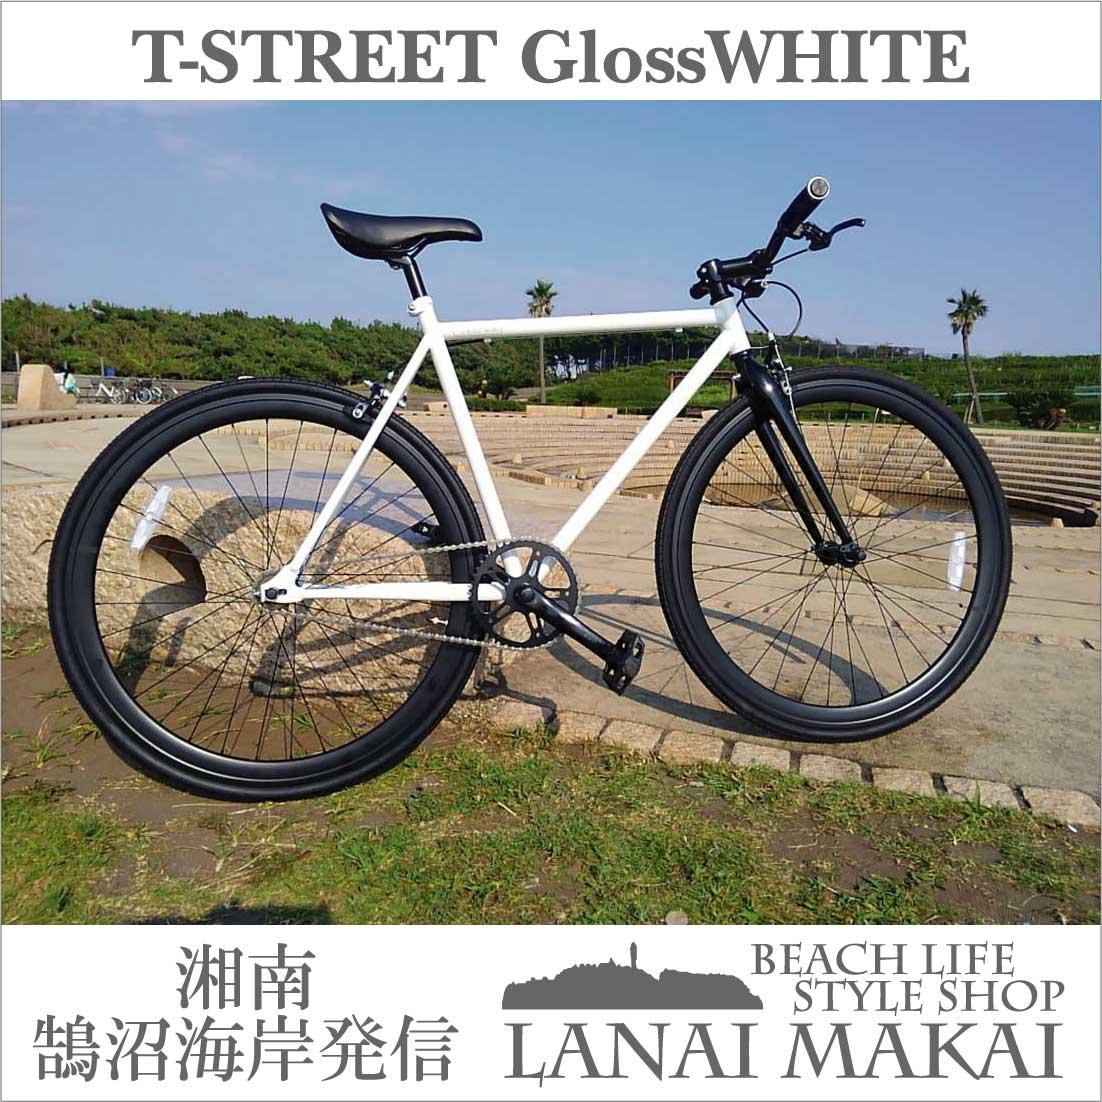 """【T-STREET】ストリートピストバイクCOLOR:グロスホワイト""""湘南鵠沼海岸発信""""自転車 ピストバイク メンズ レディース 700C レインボー T-STREET"""